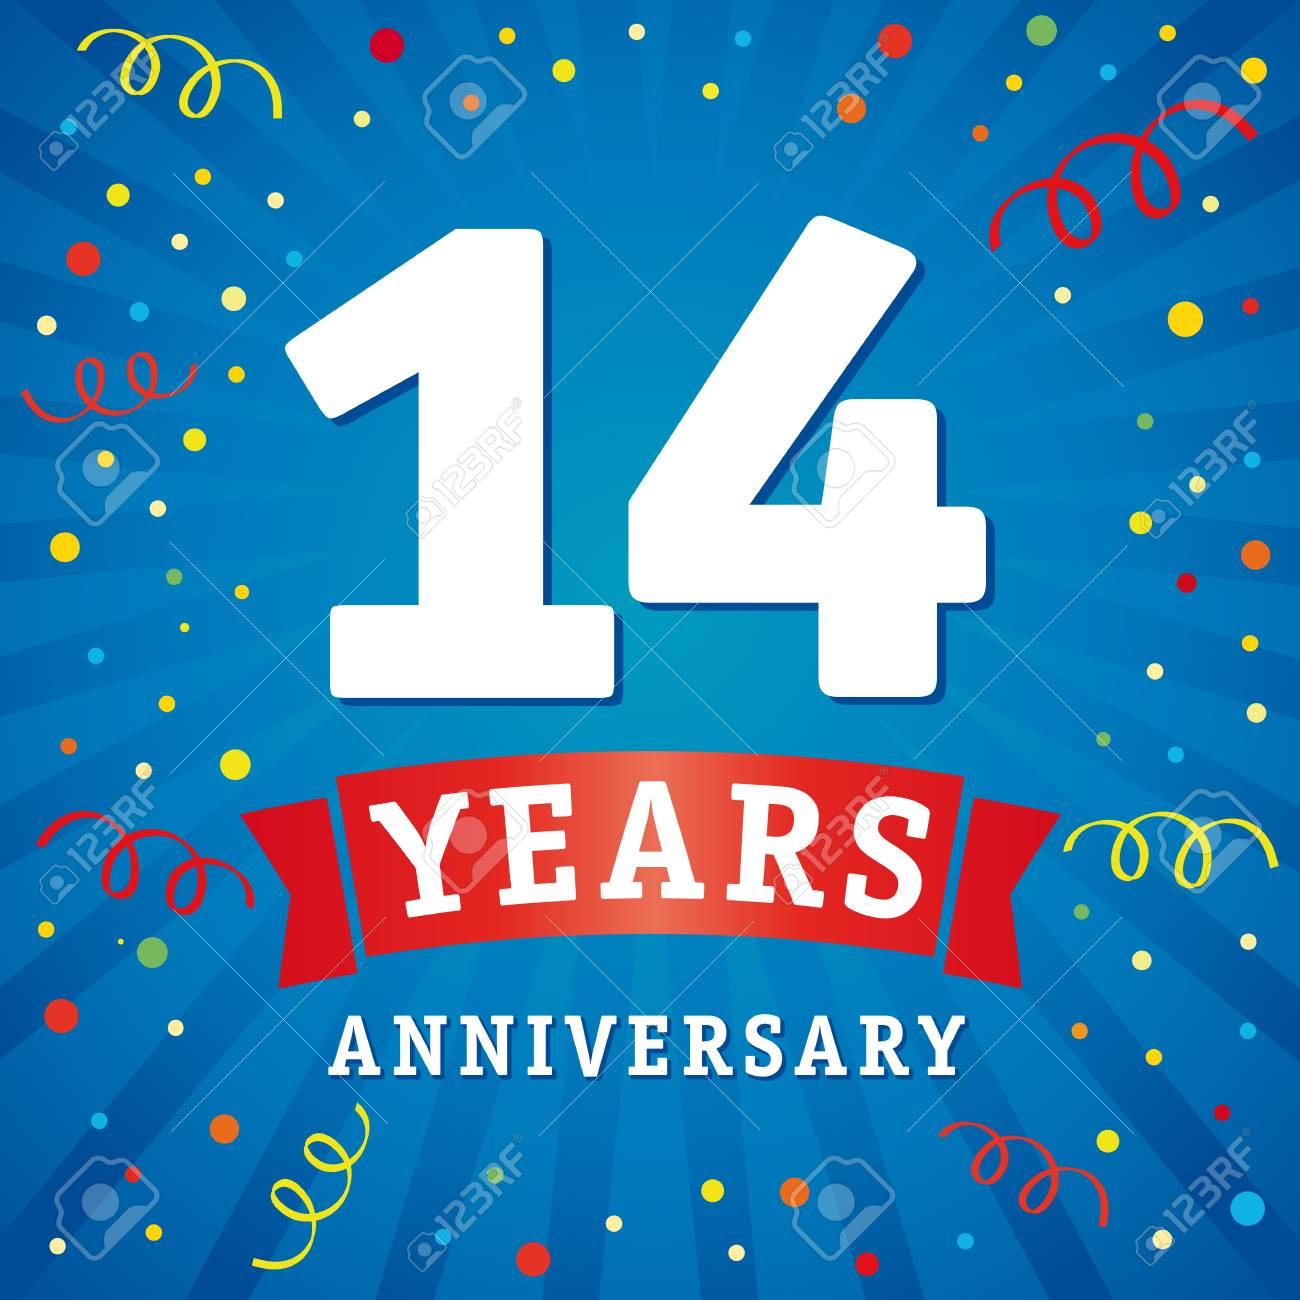 Carte De Celebration Du Logo Anniversaire De 14 Ans Fond De Vecteur De 14e Anniversaire Avec Ruban Rouge Et Confettis Colores Sur Les Lignes Radiales Flash Bleu Clip Art Libres De Droits